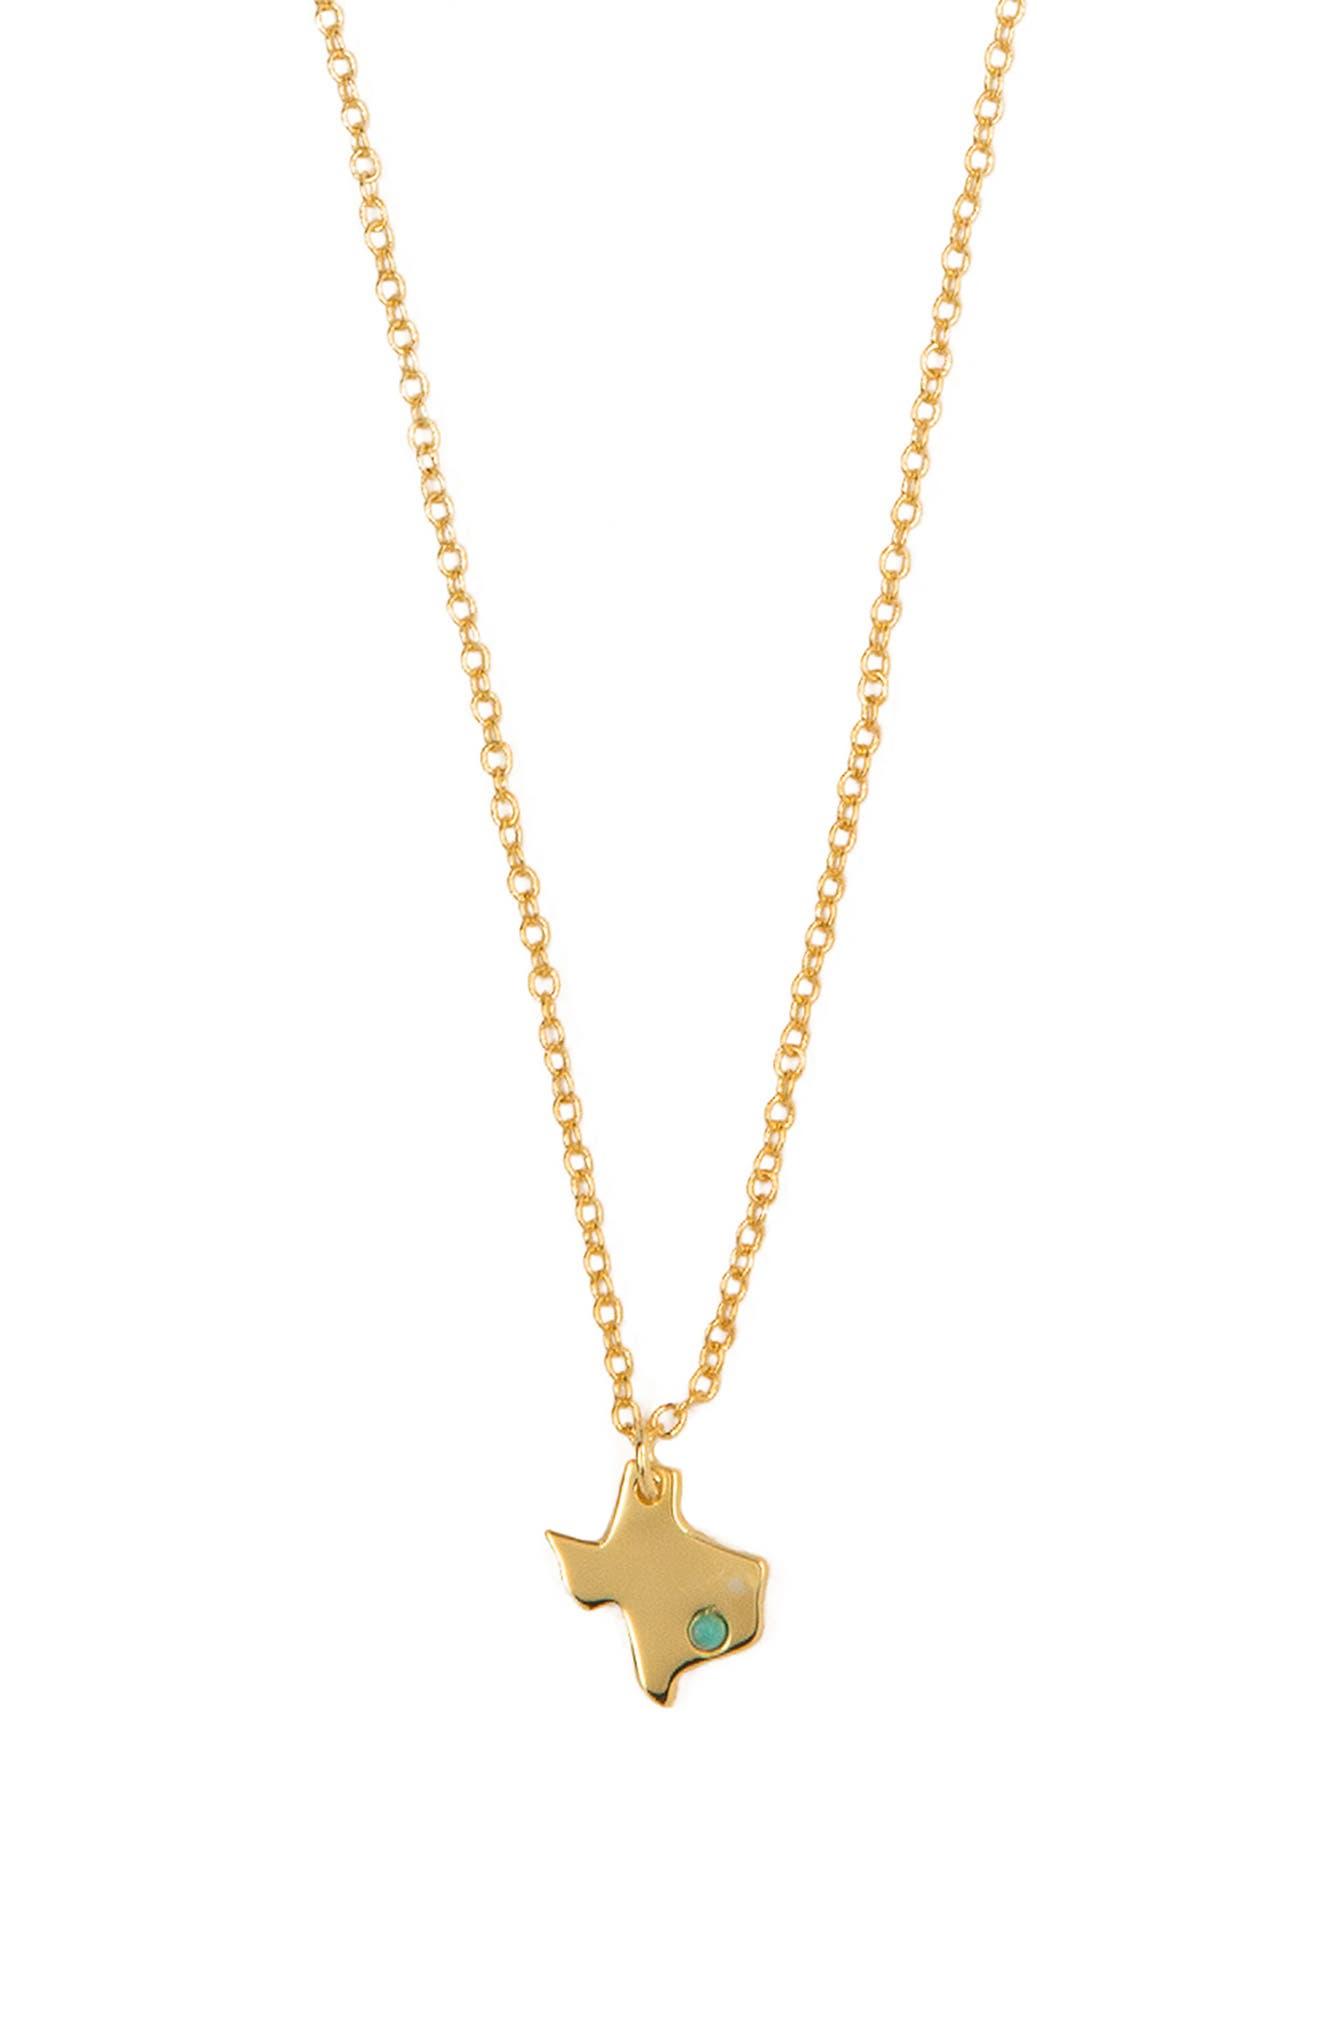 Texas Strong Pendant Necklace